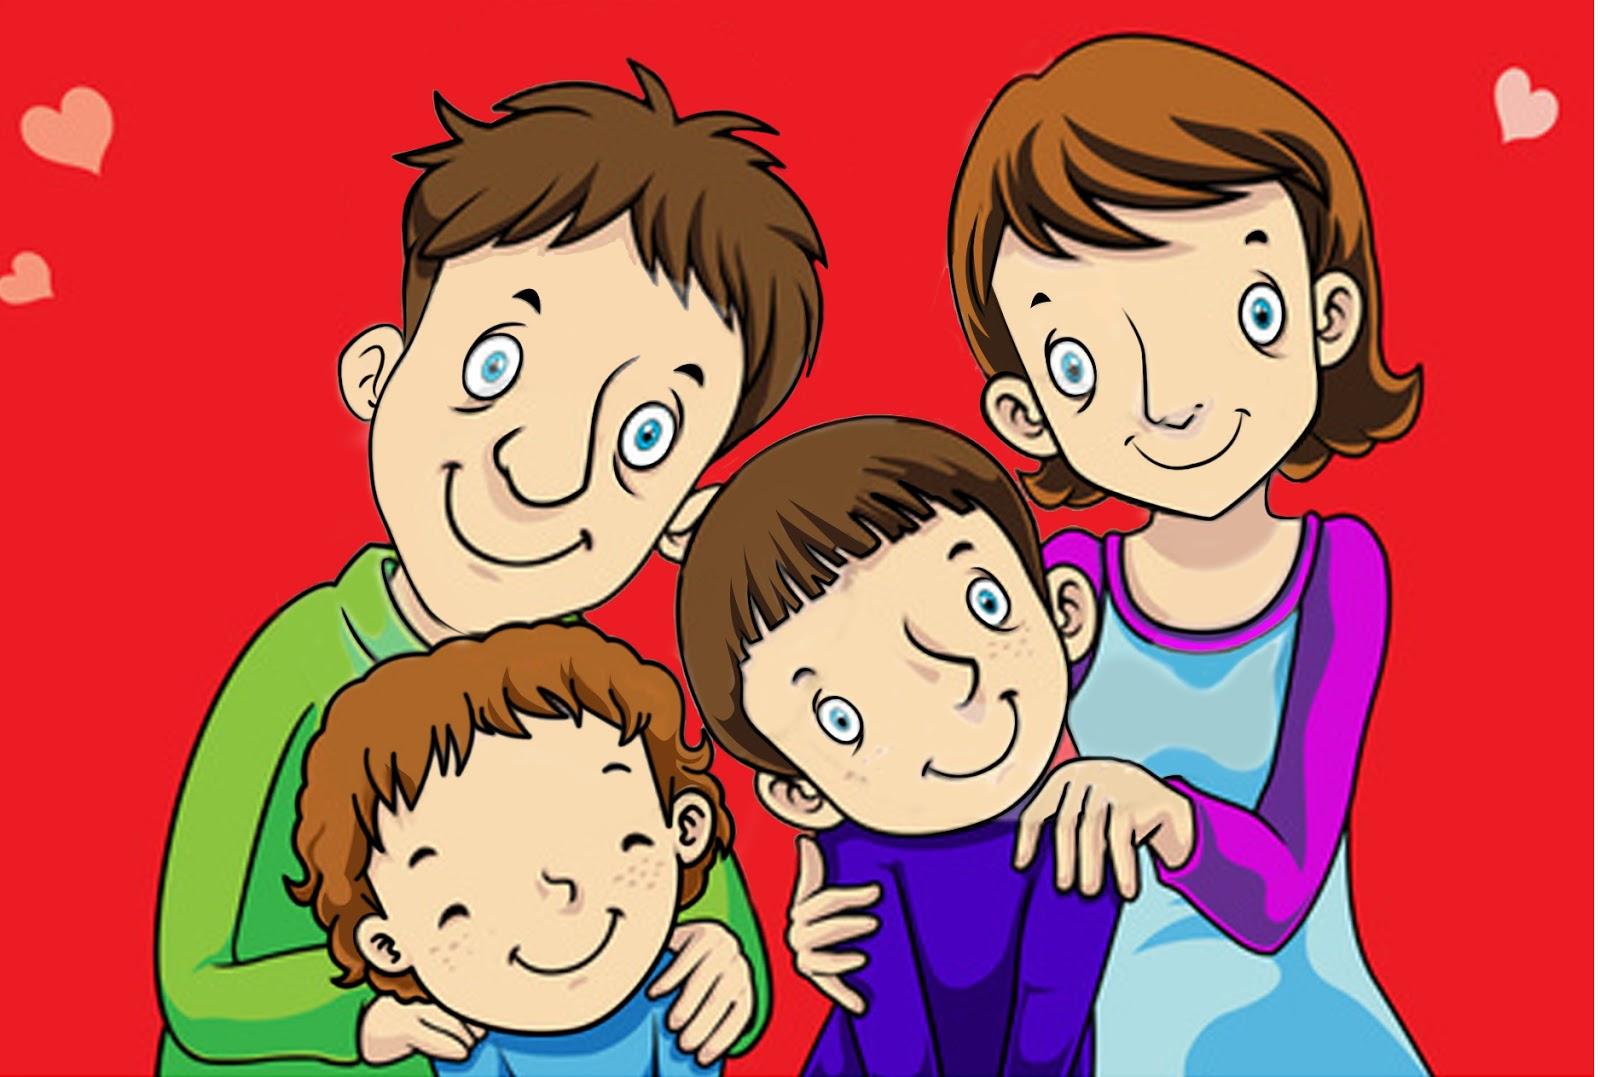 close family ties